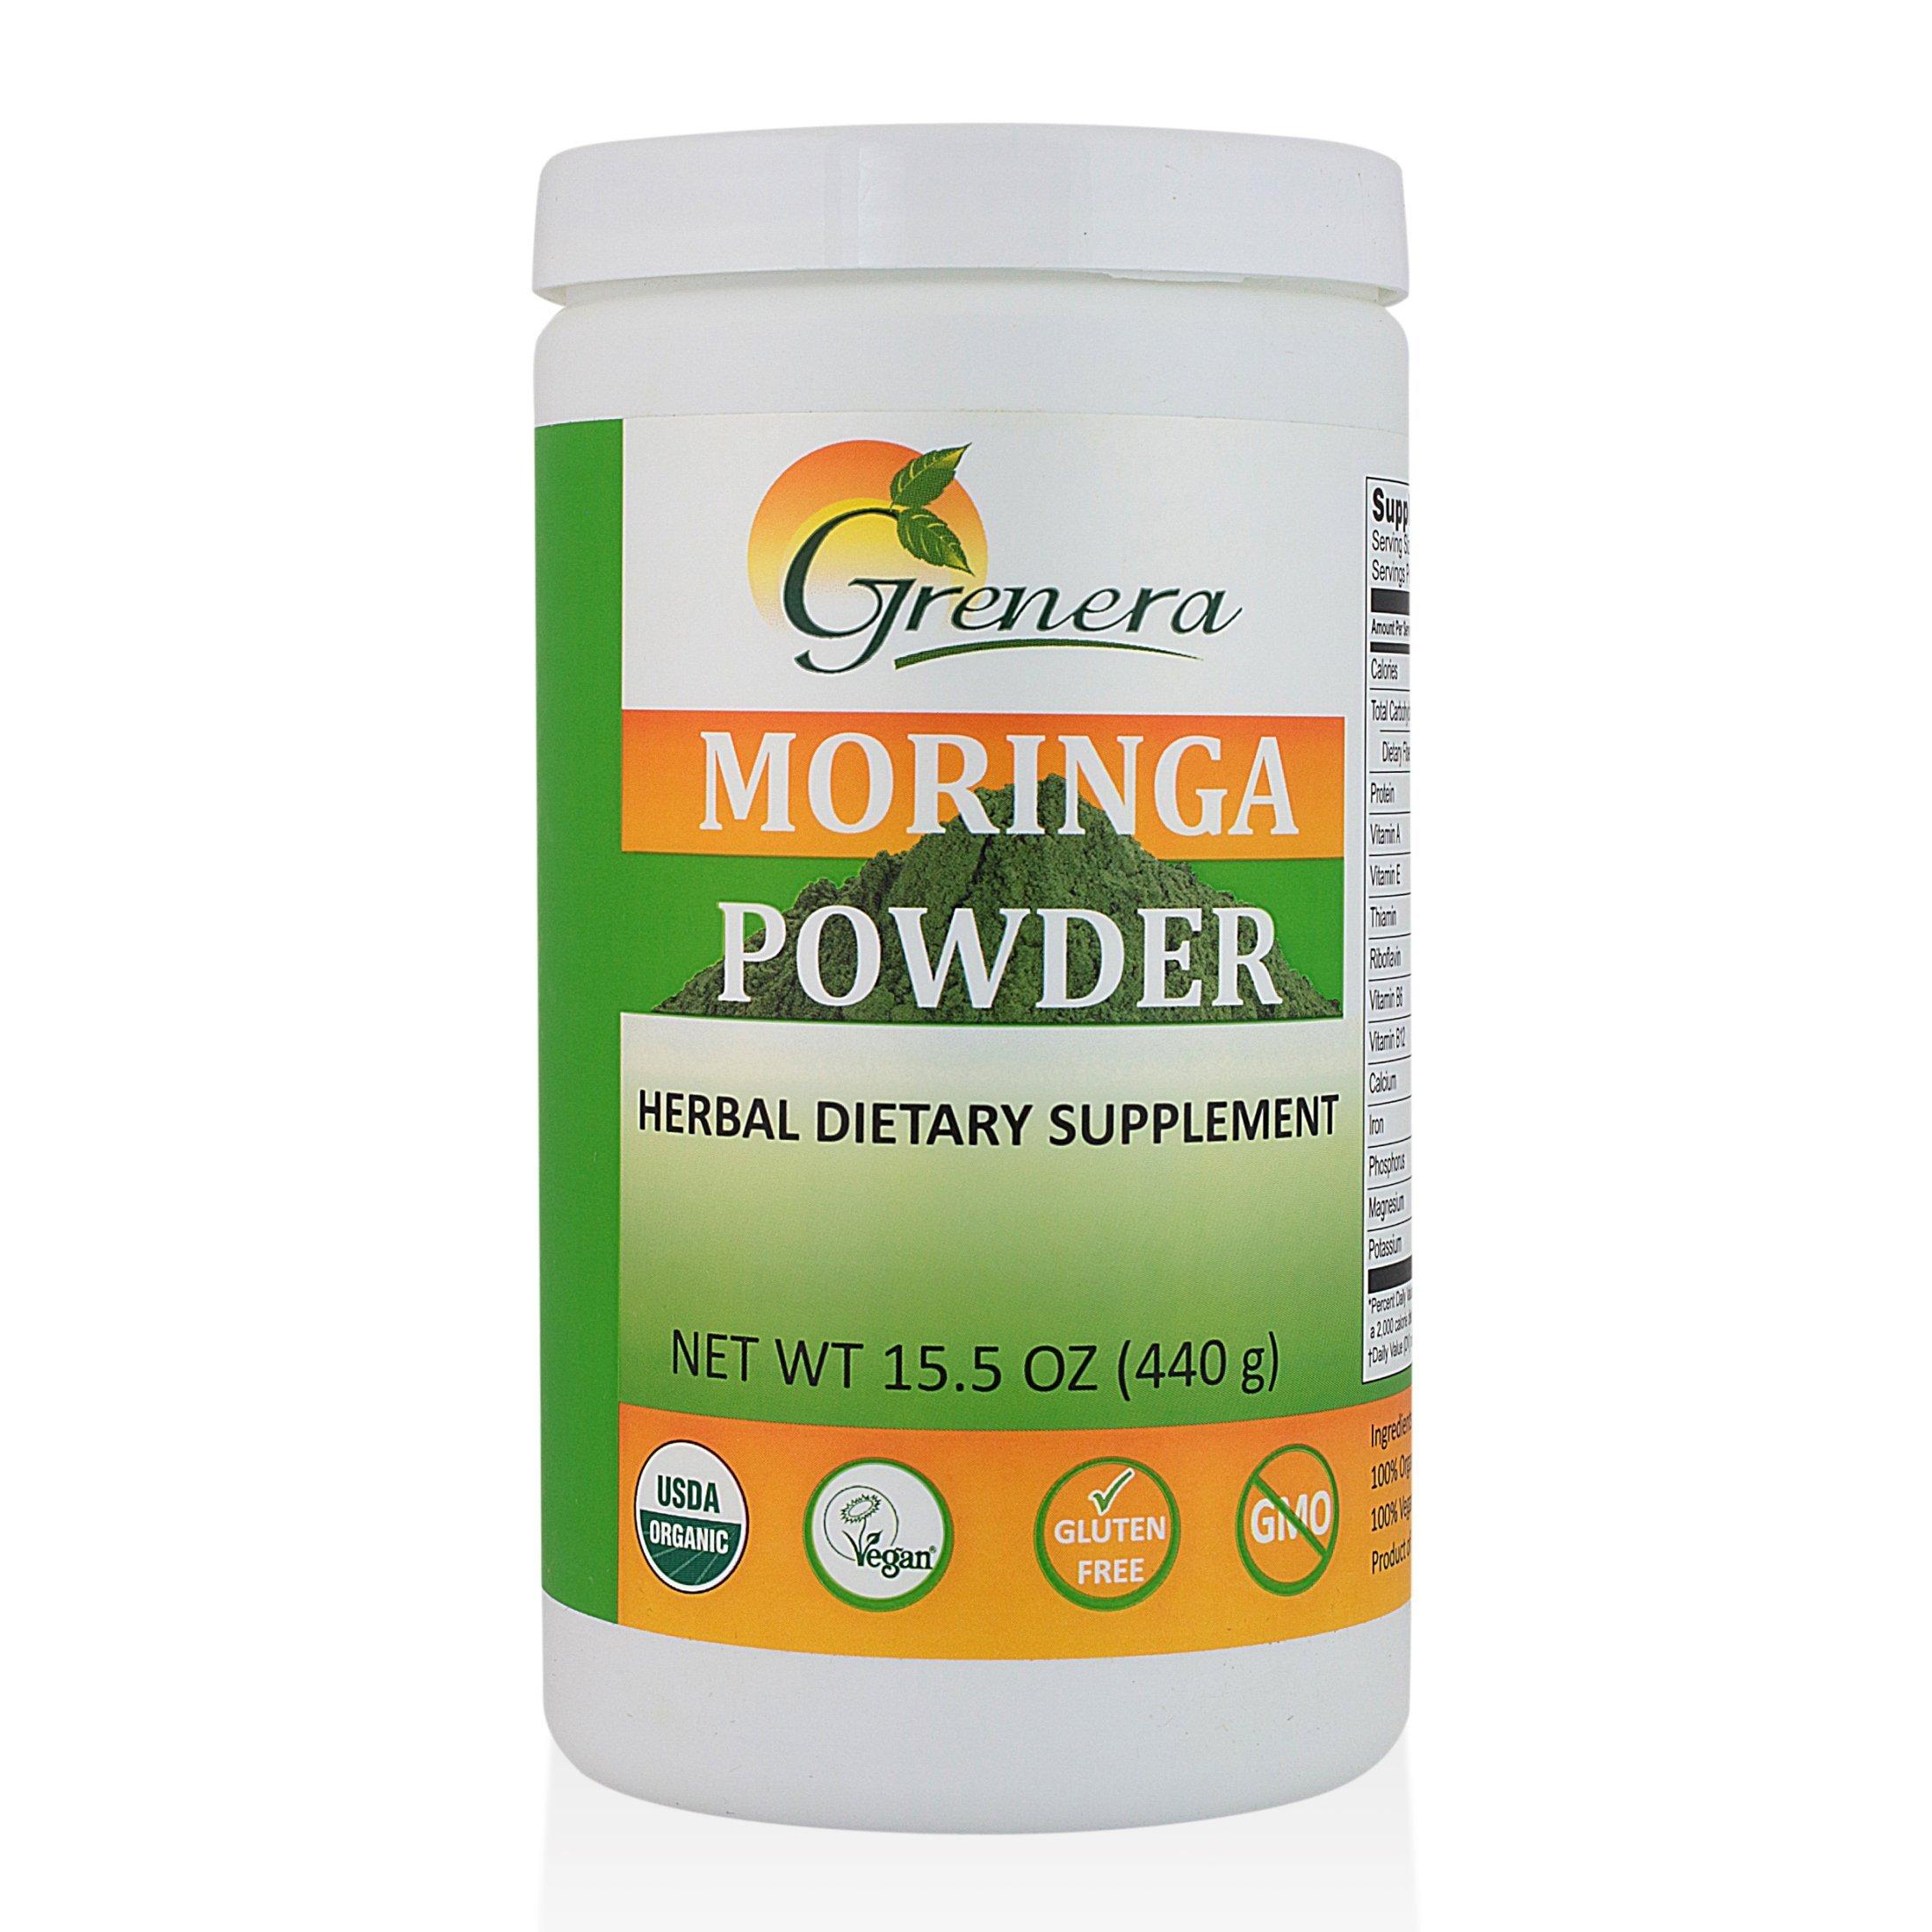 Grenera Organic Moringa Leaf Powder 15.5 Ounce- USDA Organic, Vegan, Kosher Certified